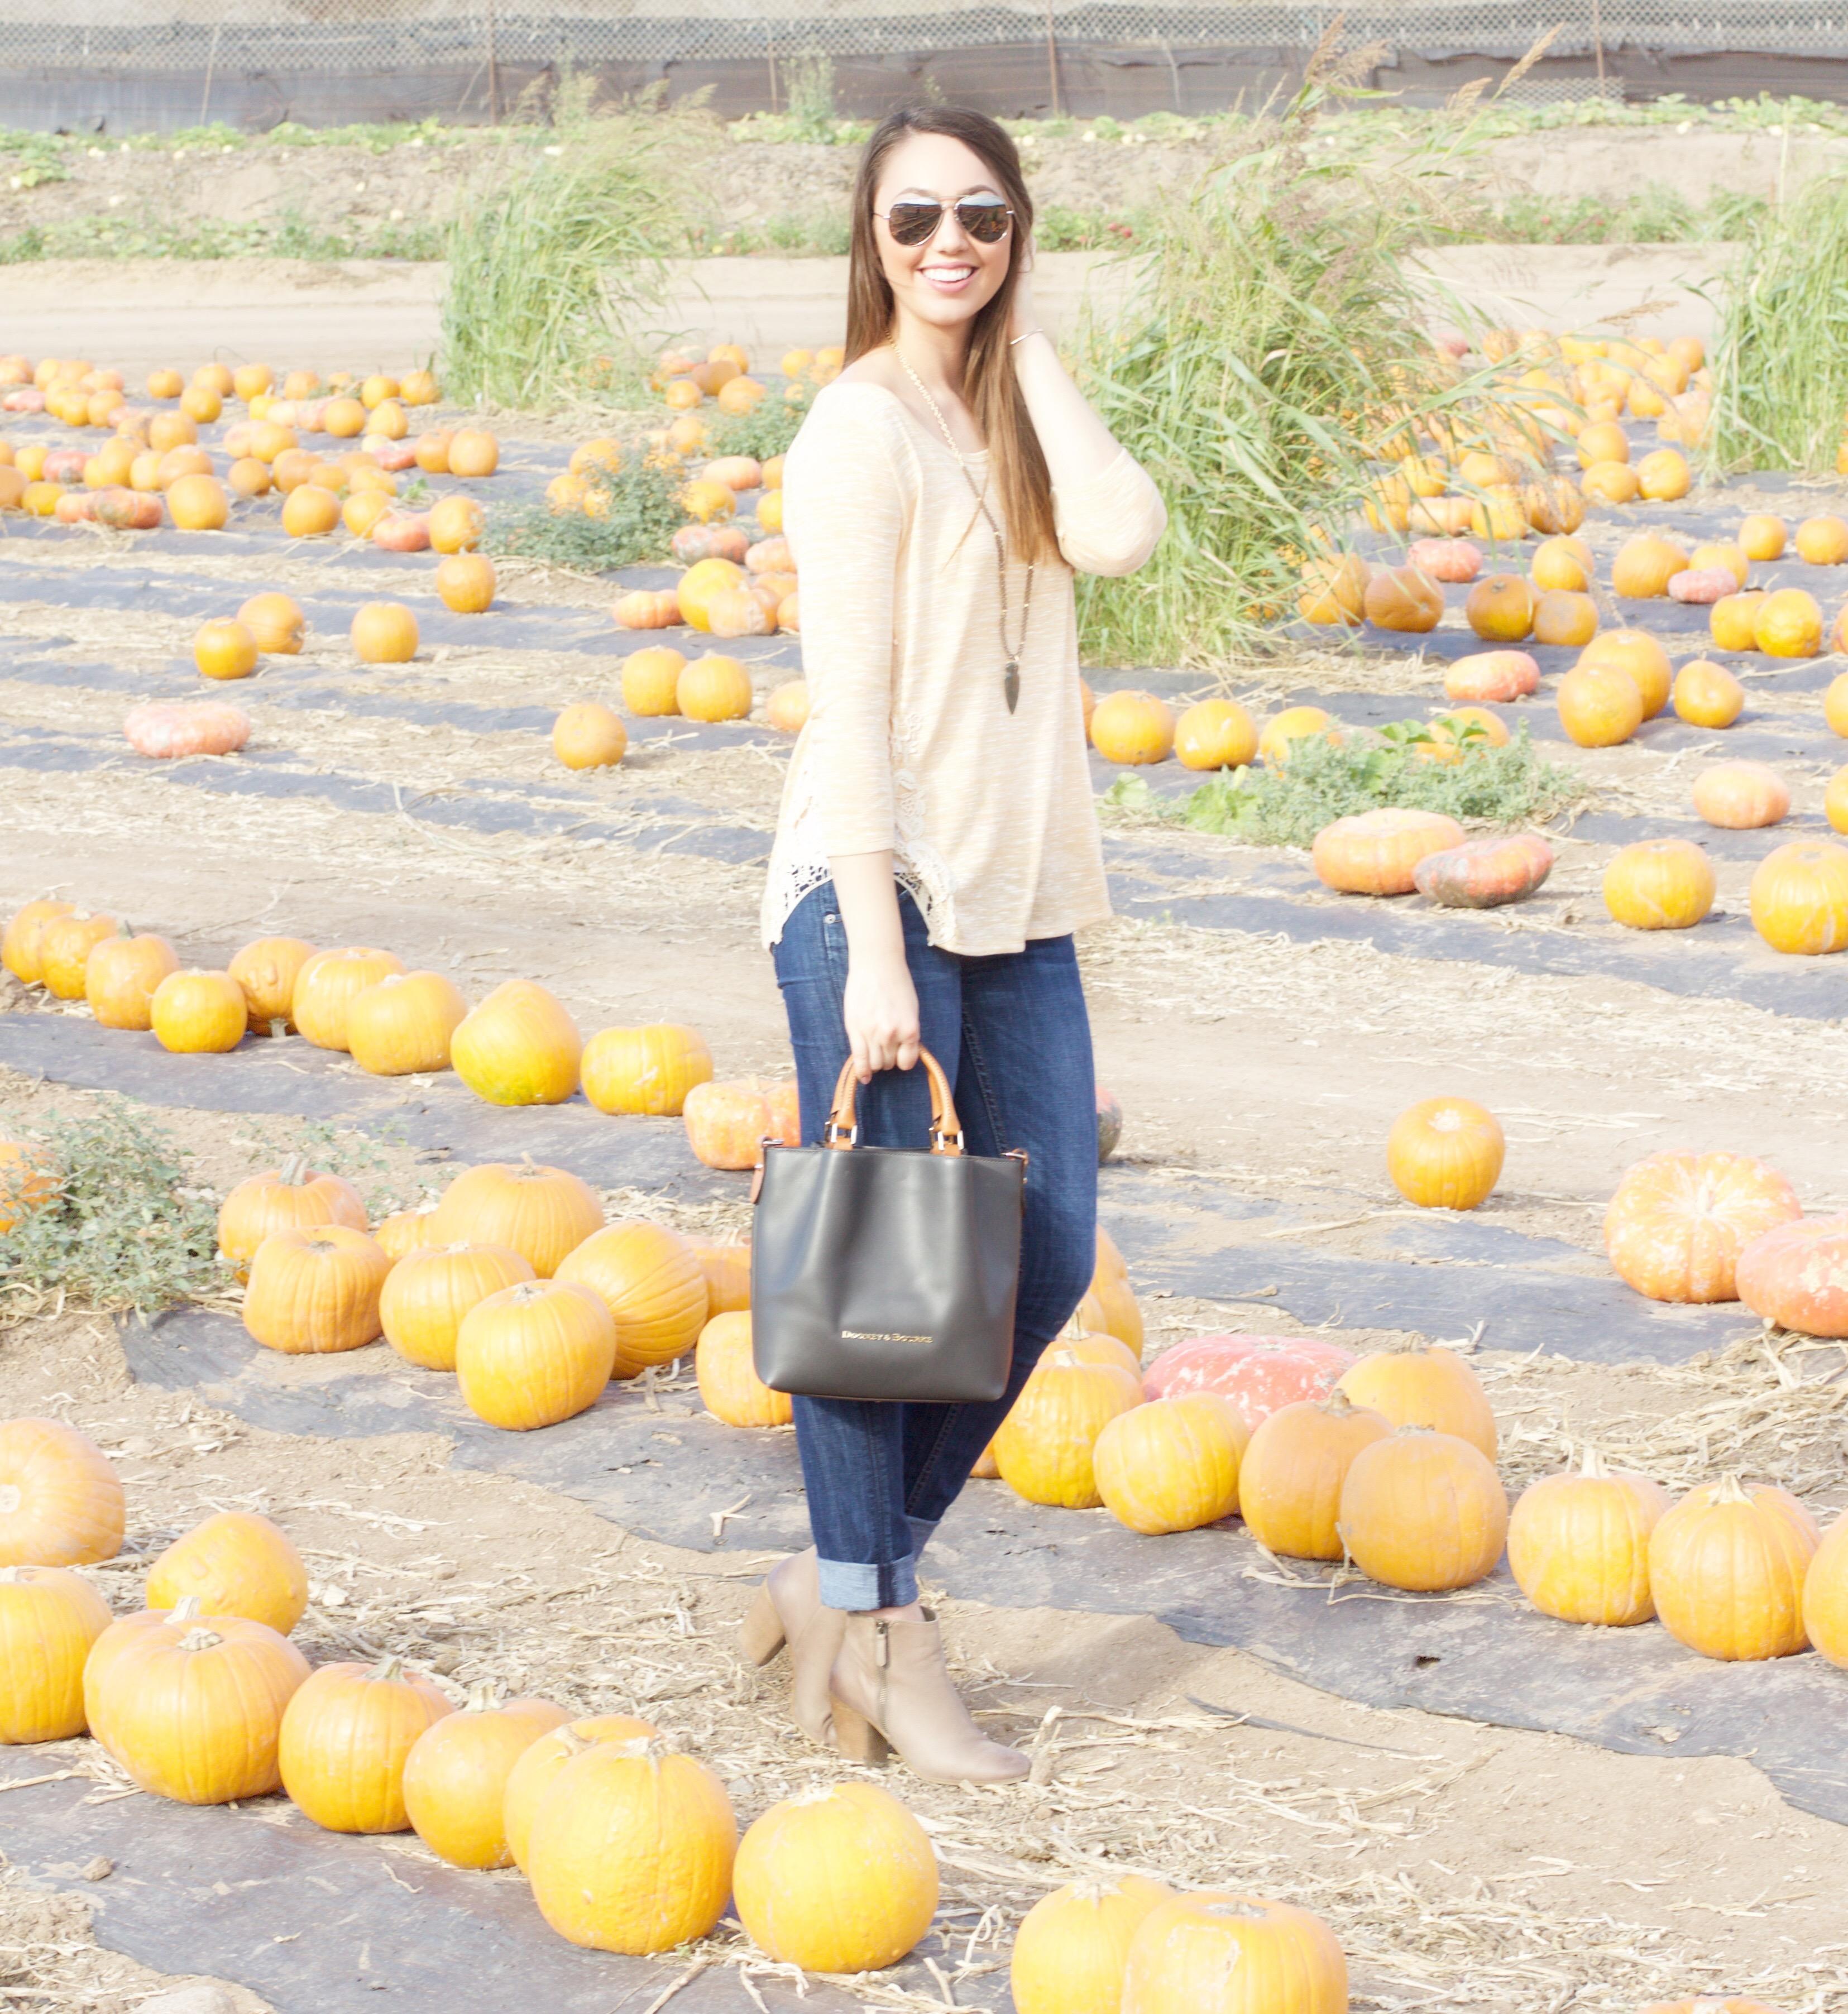 Pumpkin Patch Outfit Idea